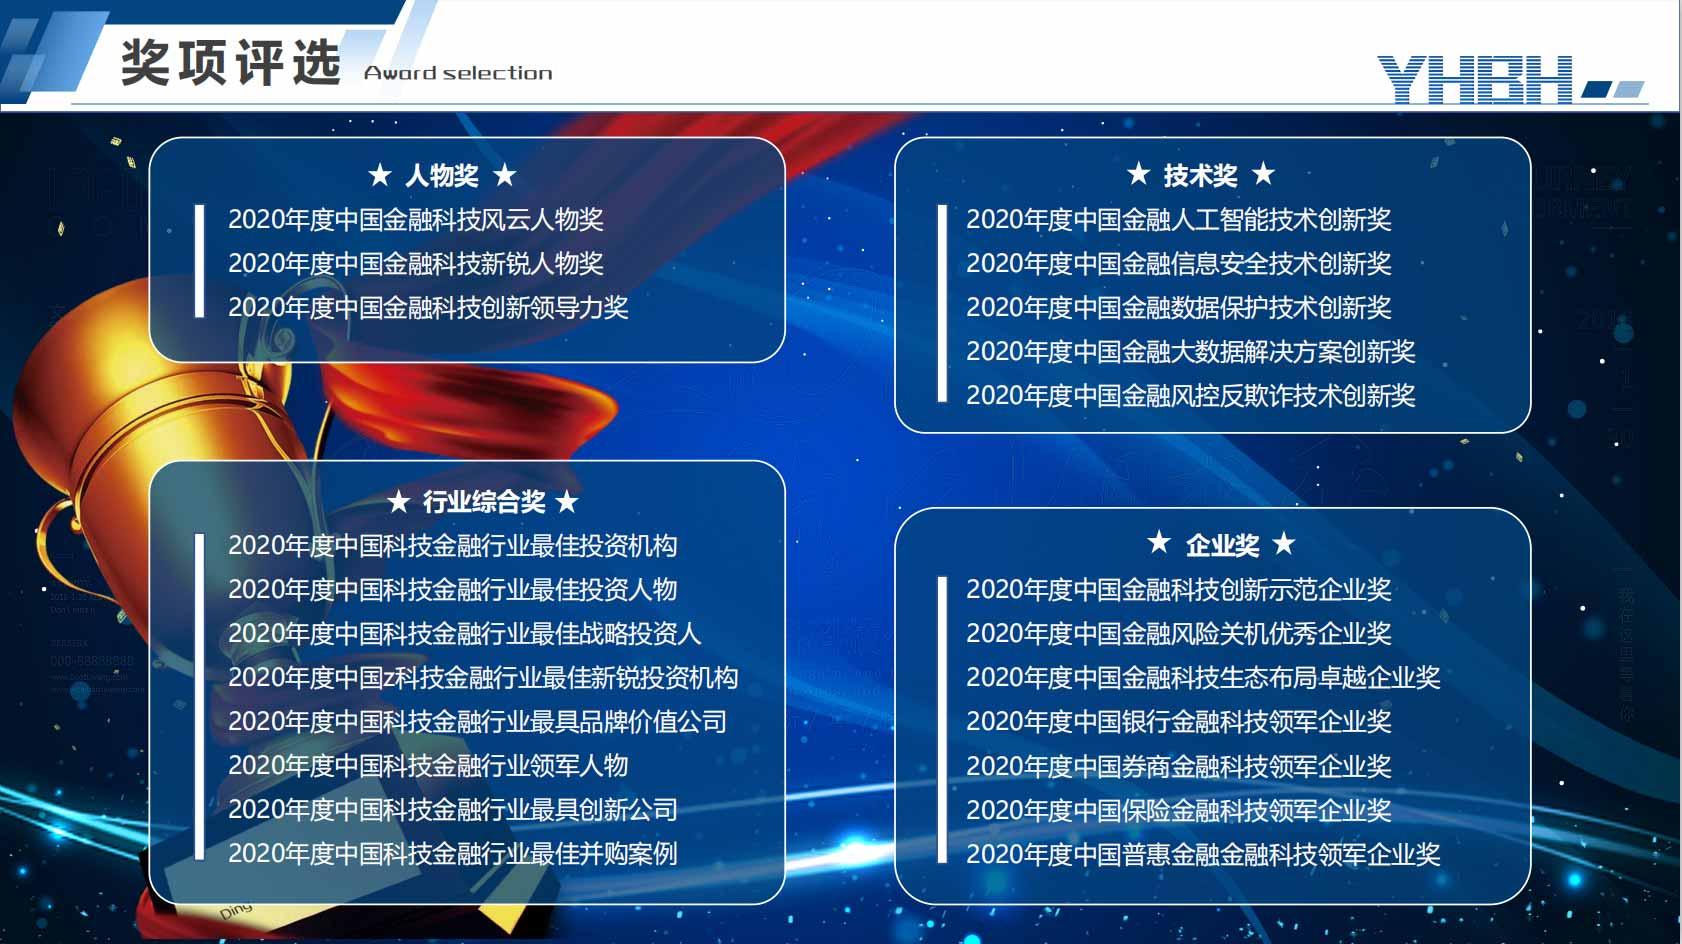 2020中國金融科技國際峰會【大數據-云計算-AI-區塊鏈】